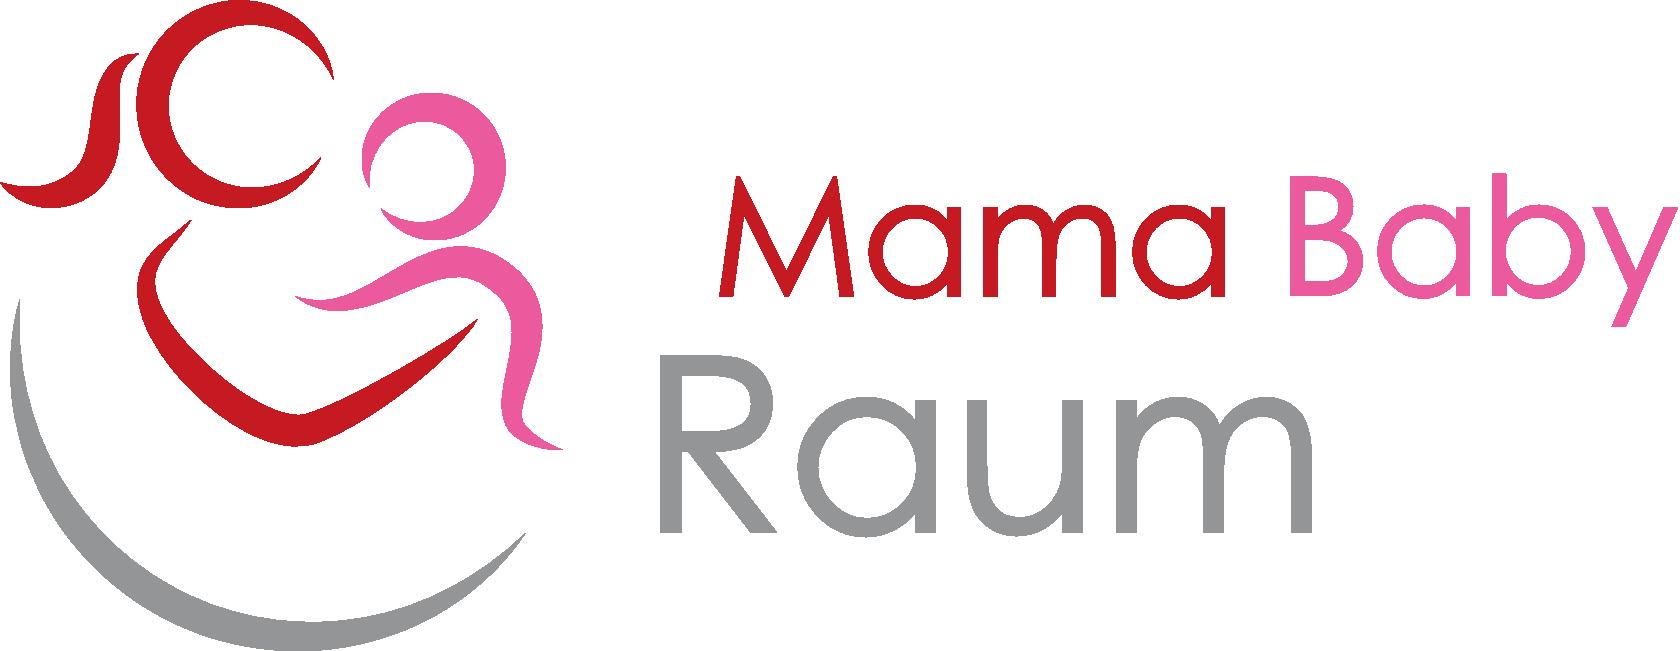 MamaBaby_logo rgb